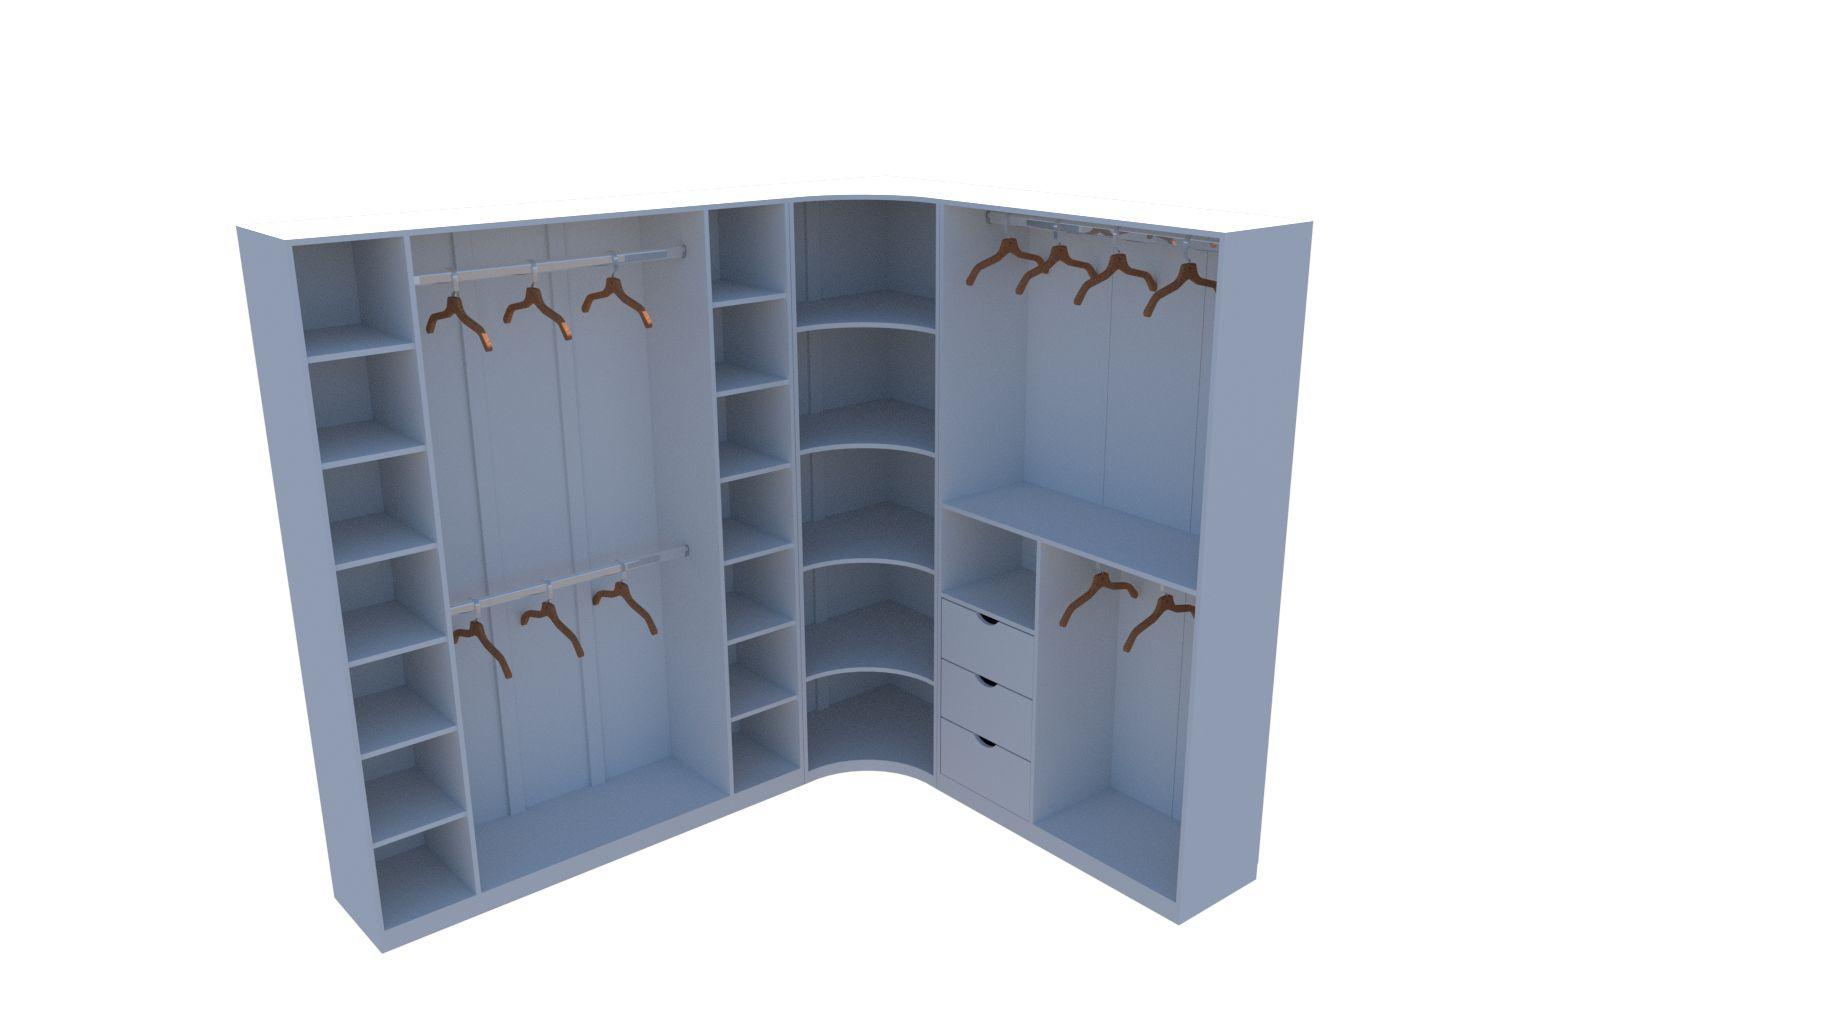 Kit Armário Closet Modulado M8 (colmeia, loja, Expositor, sapateira, roupa, organizador)